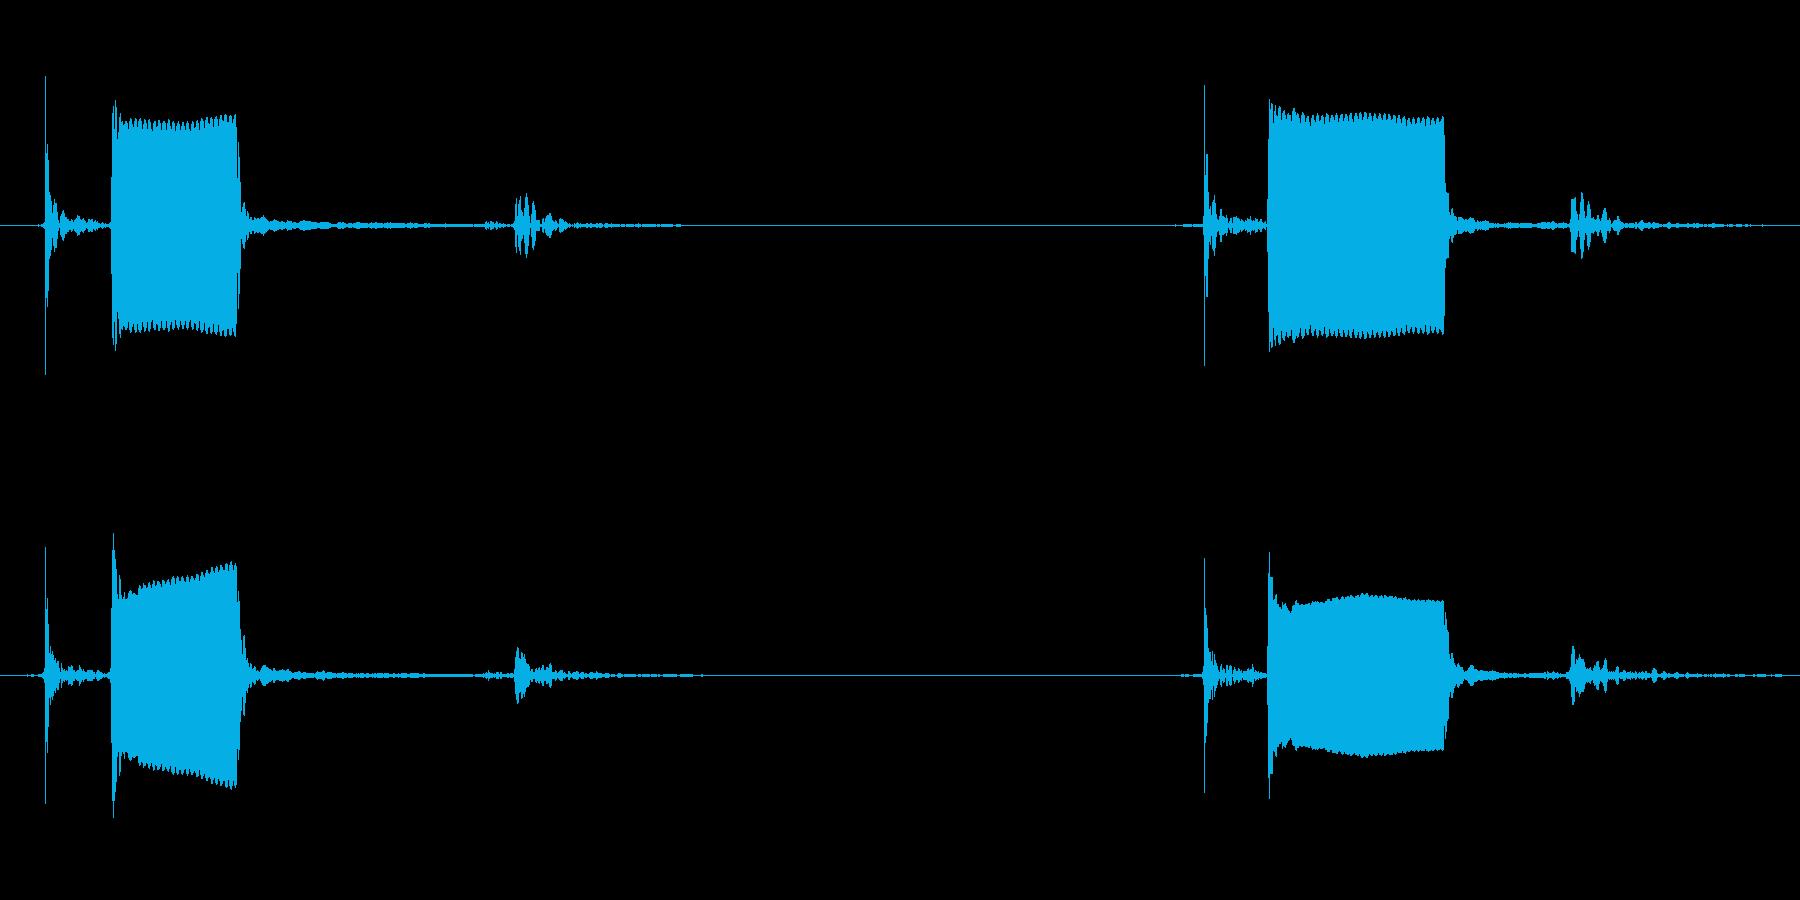 ピッ!ピッ!スイッチを押したときの音の再生済みの波形